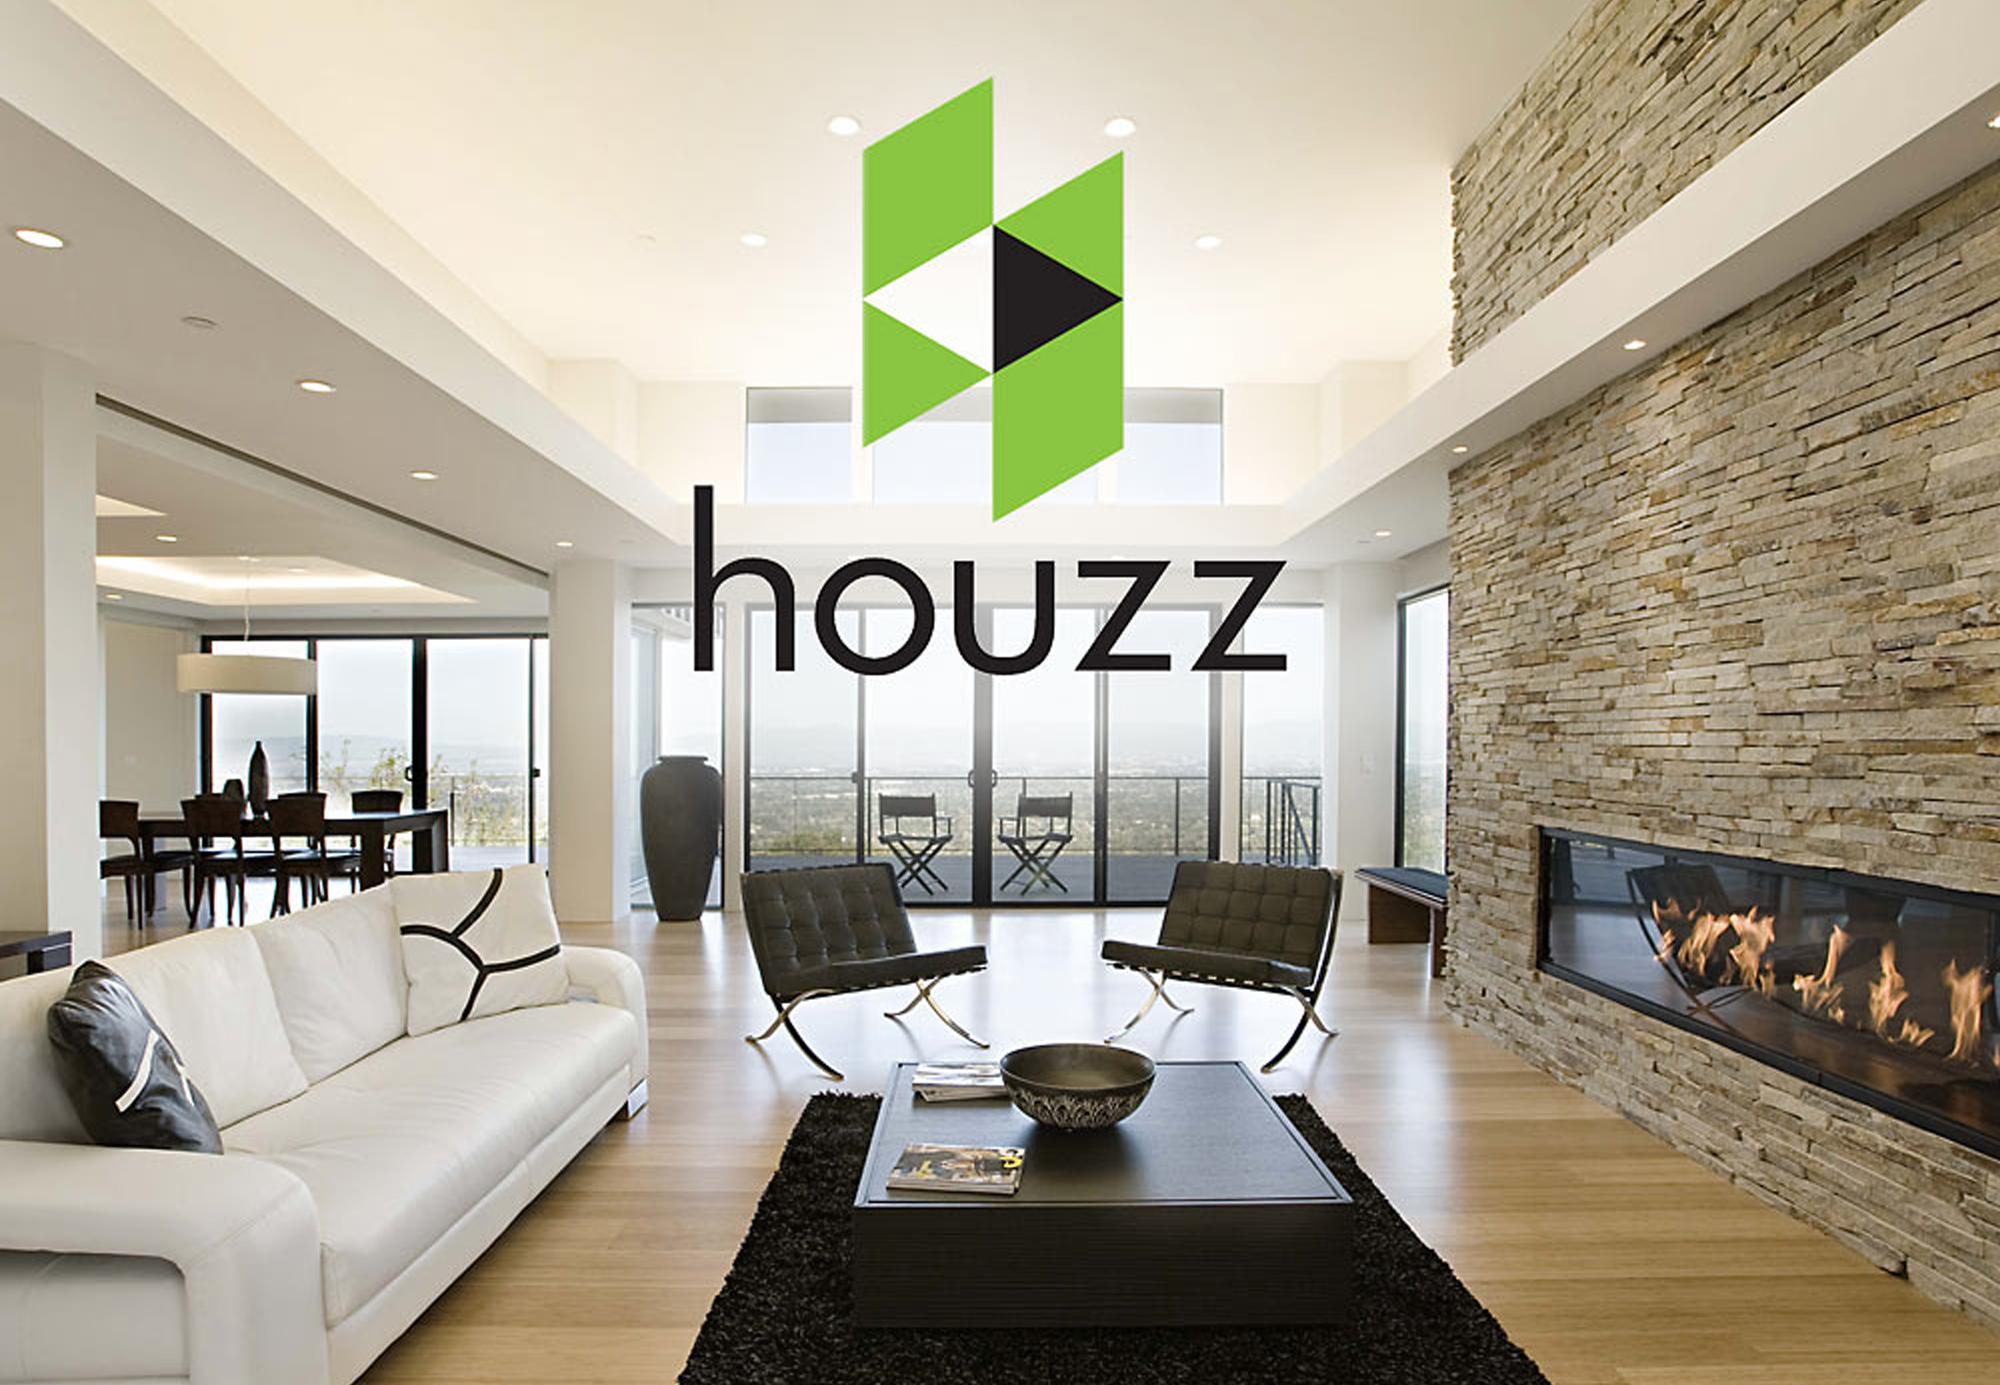 houzz futuro del diseño de interior